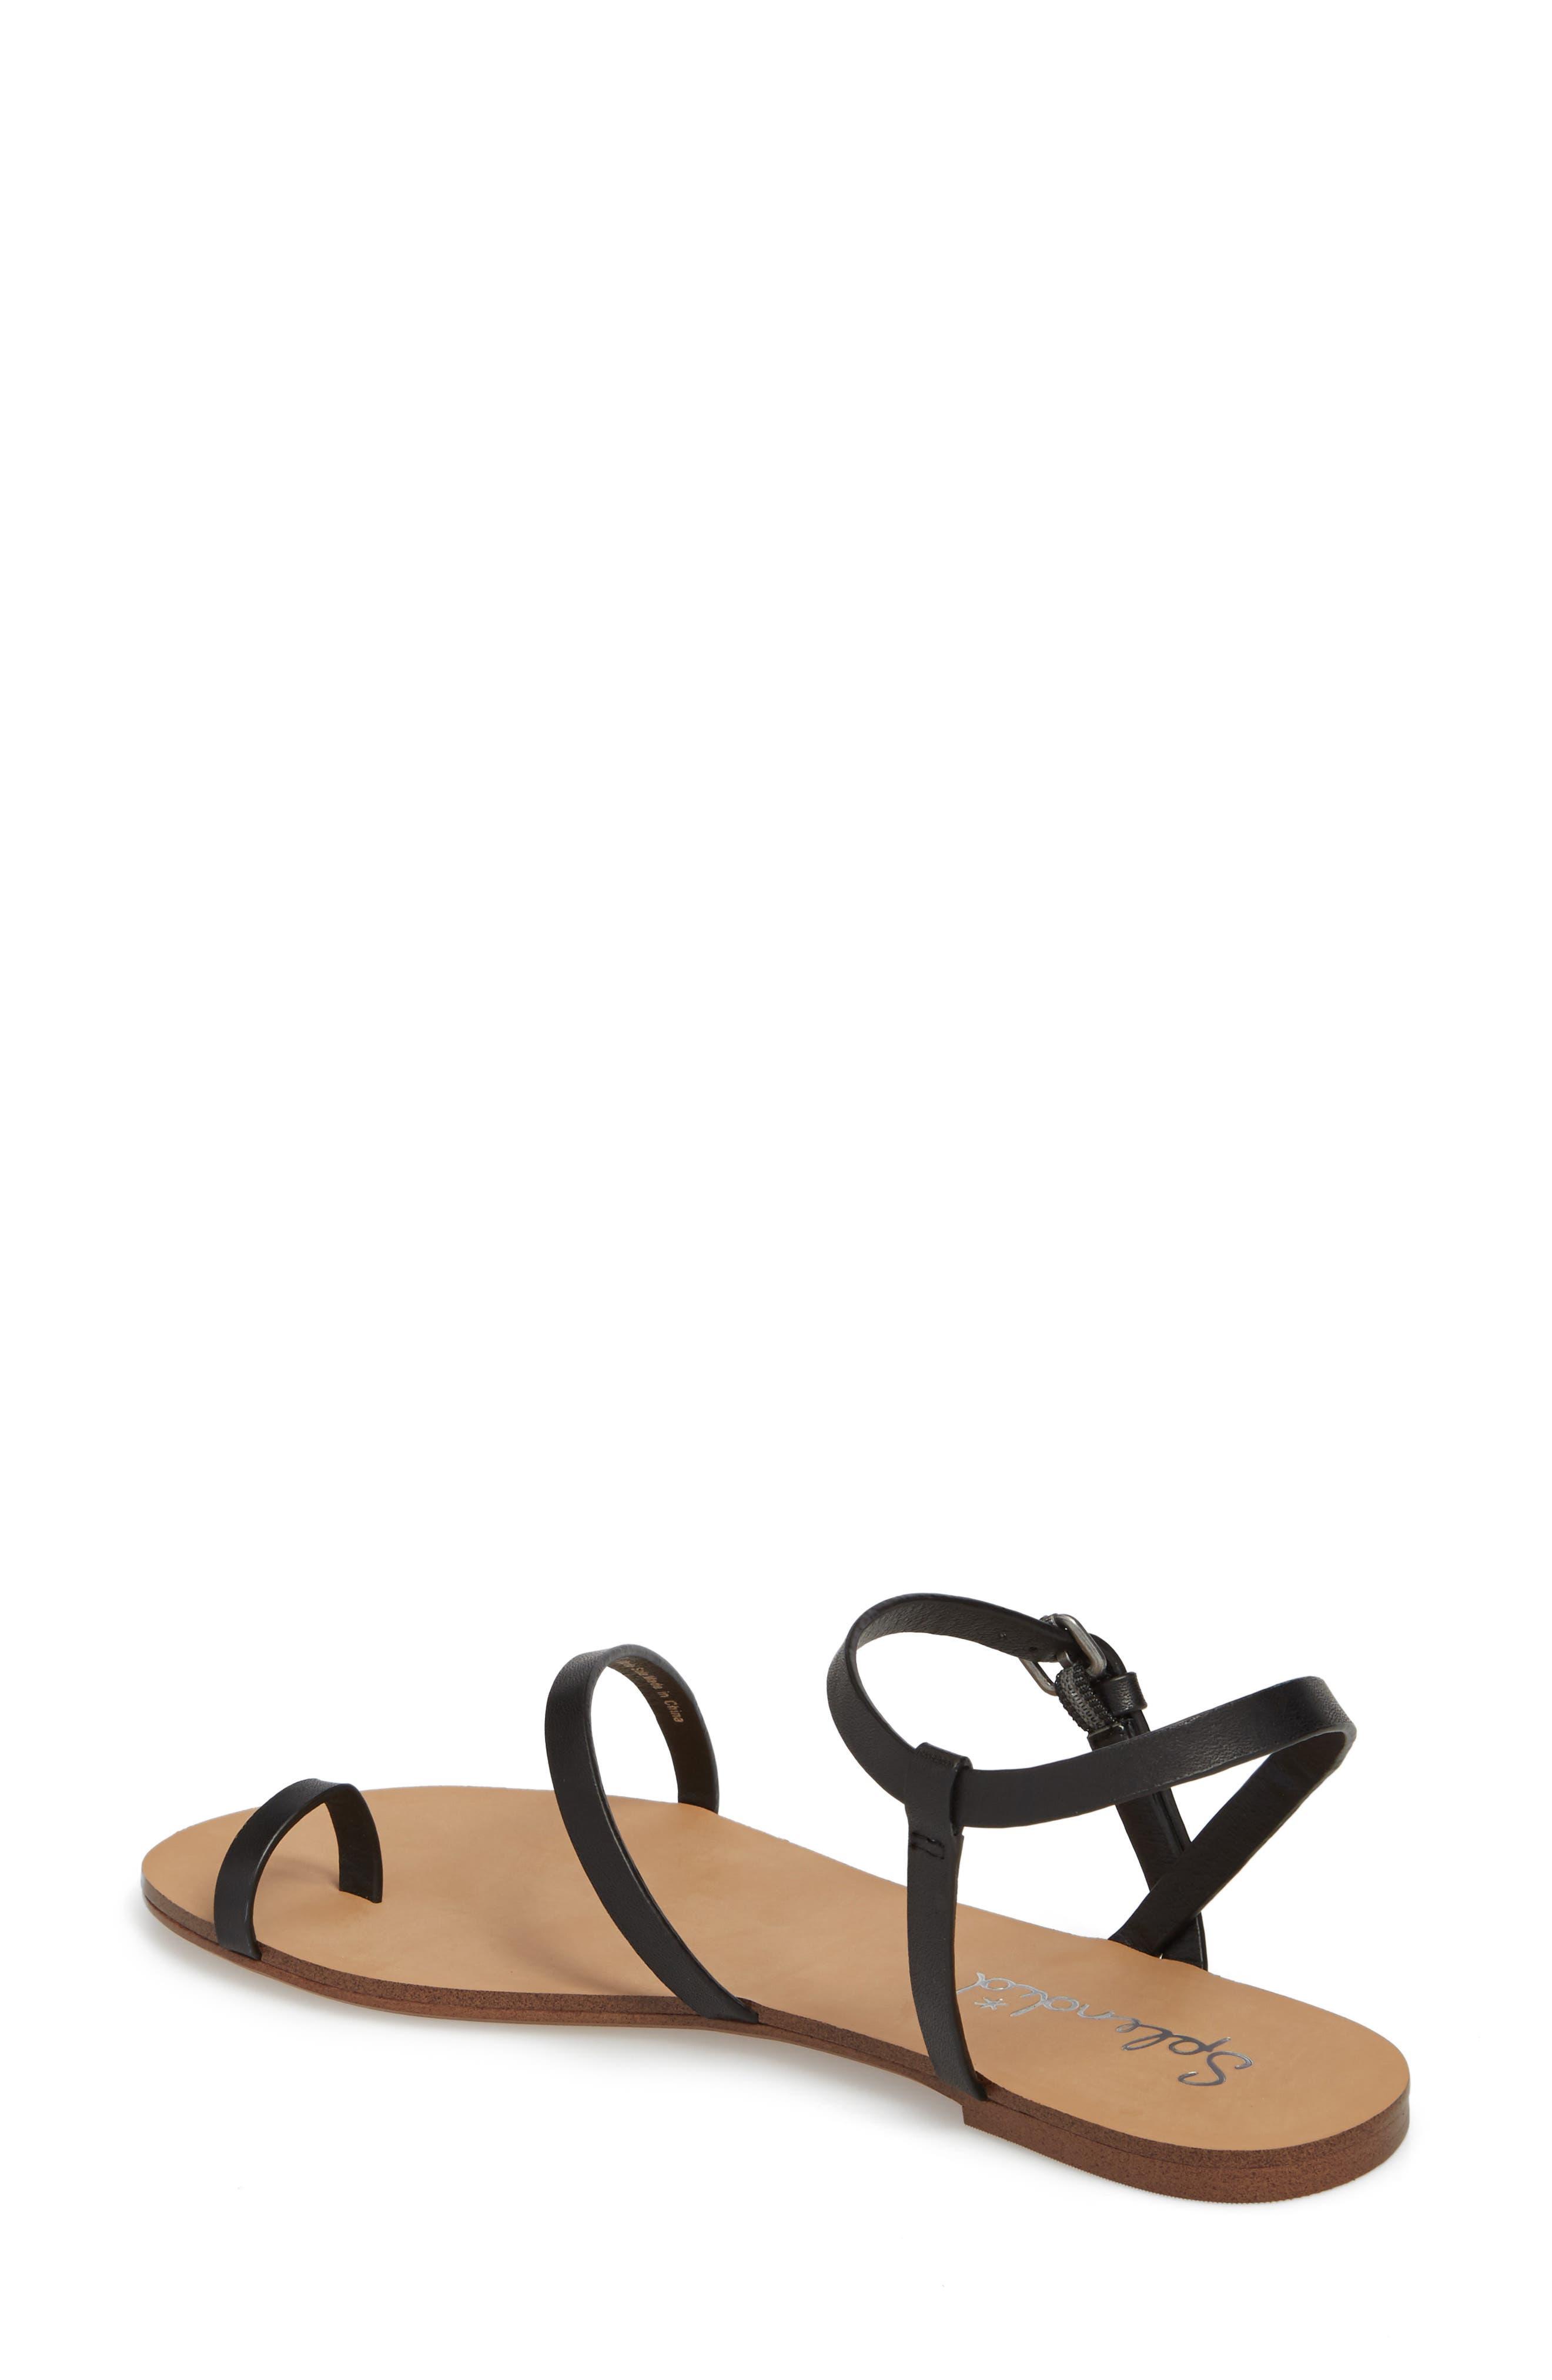 Flower Sandal,                             Alternate thumbnail 2, color,                             Black Leather